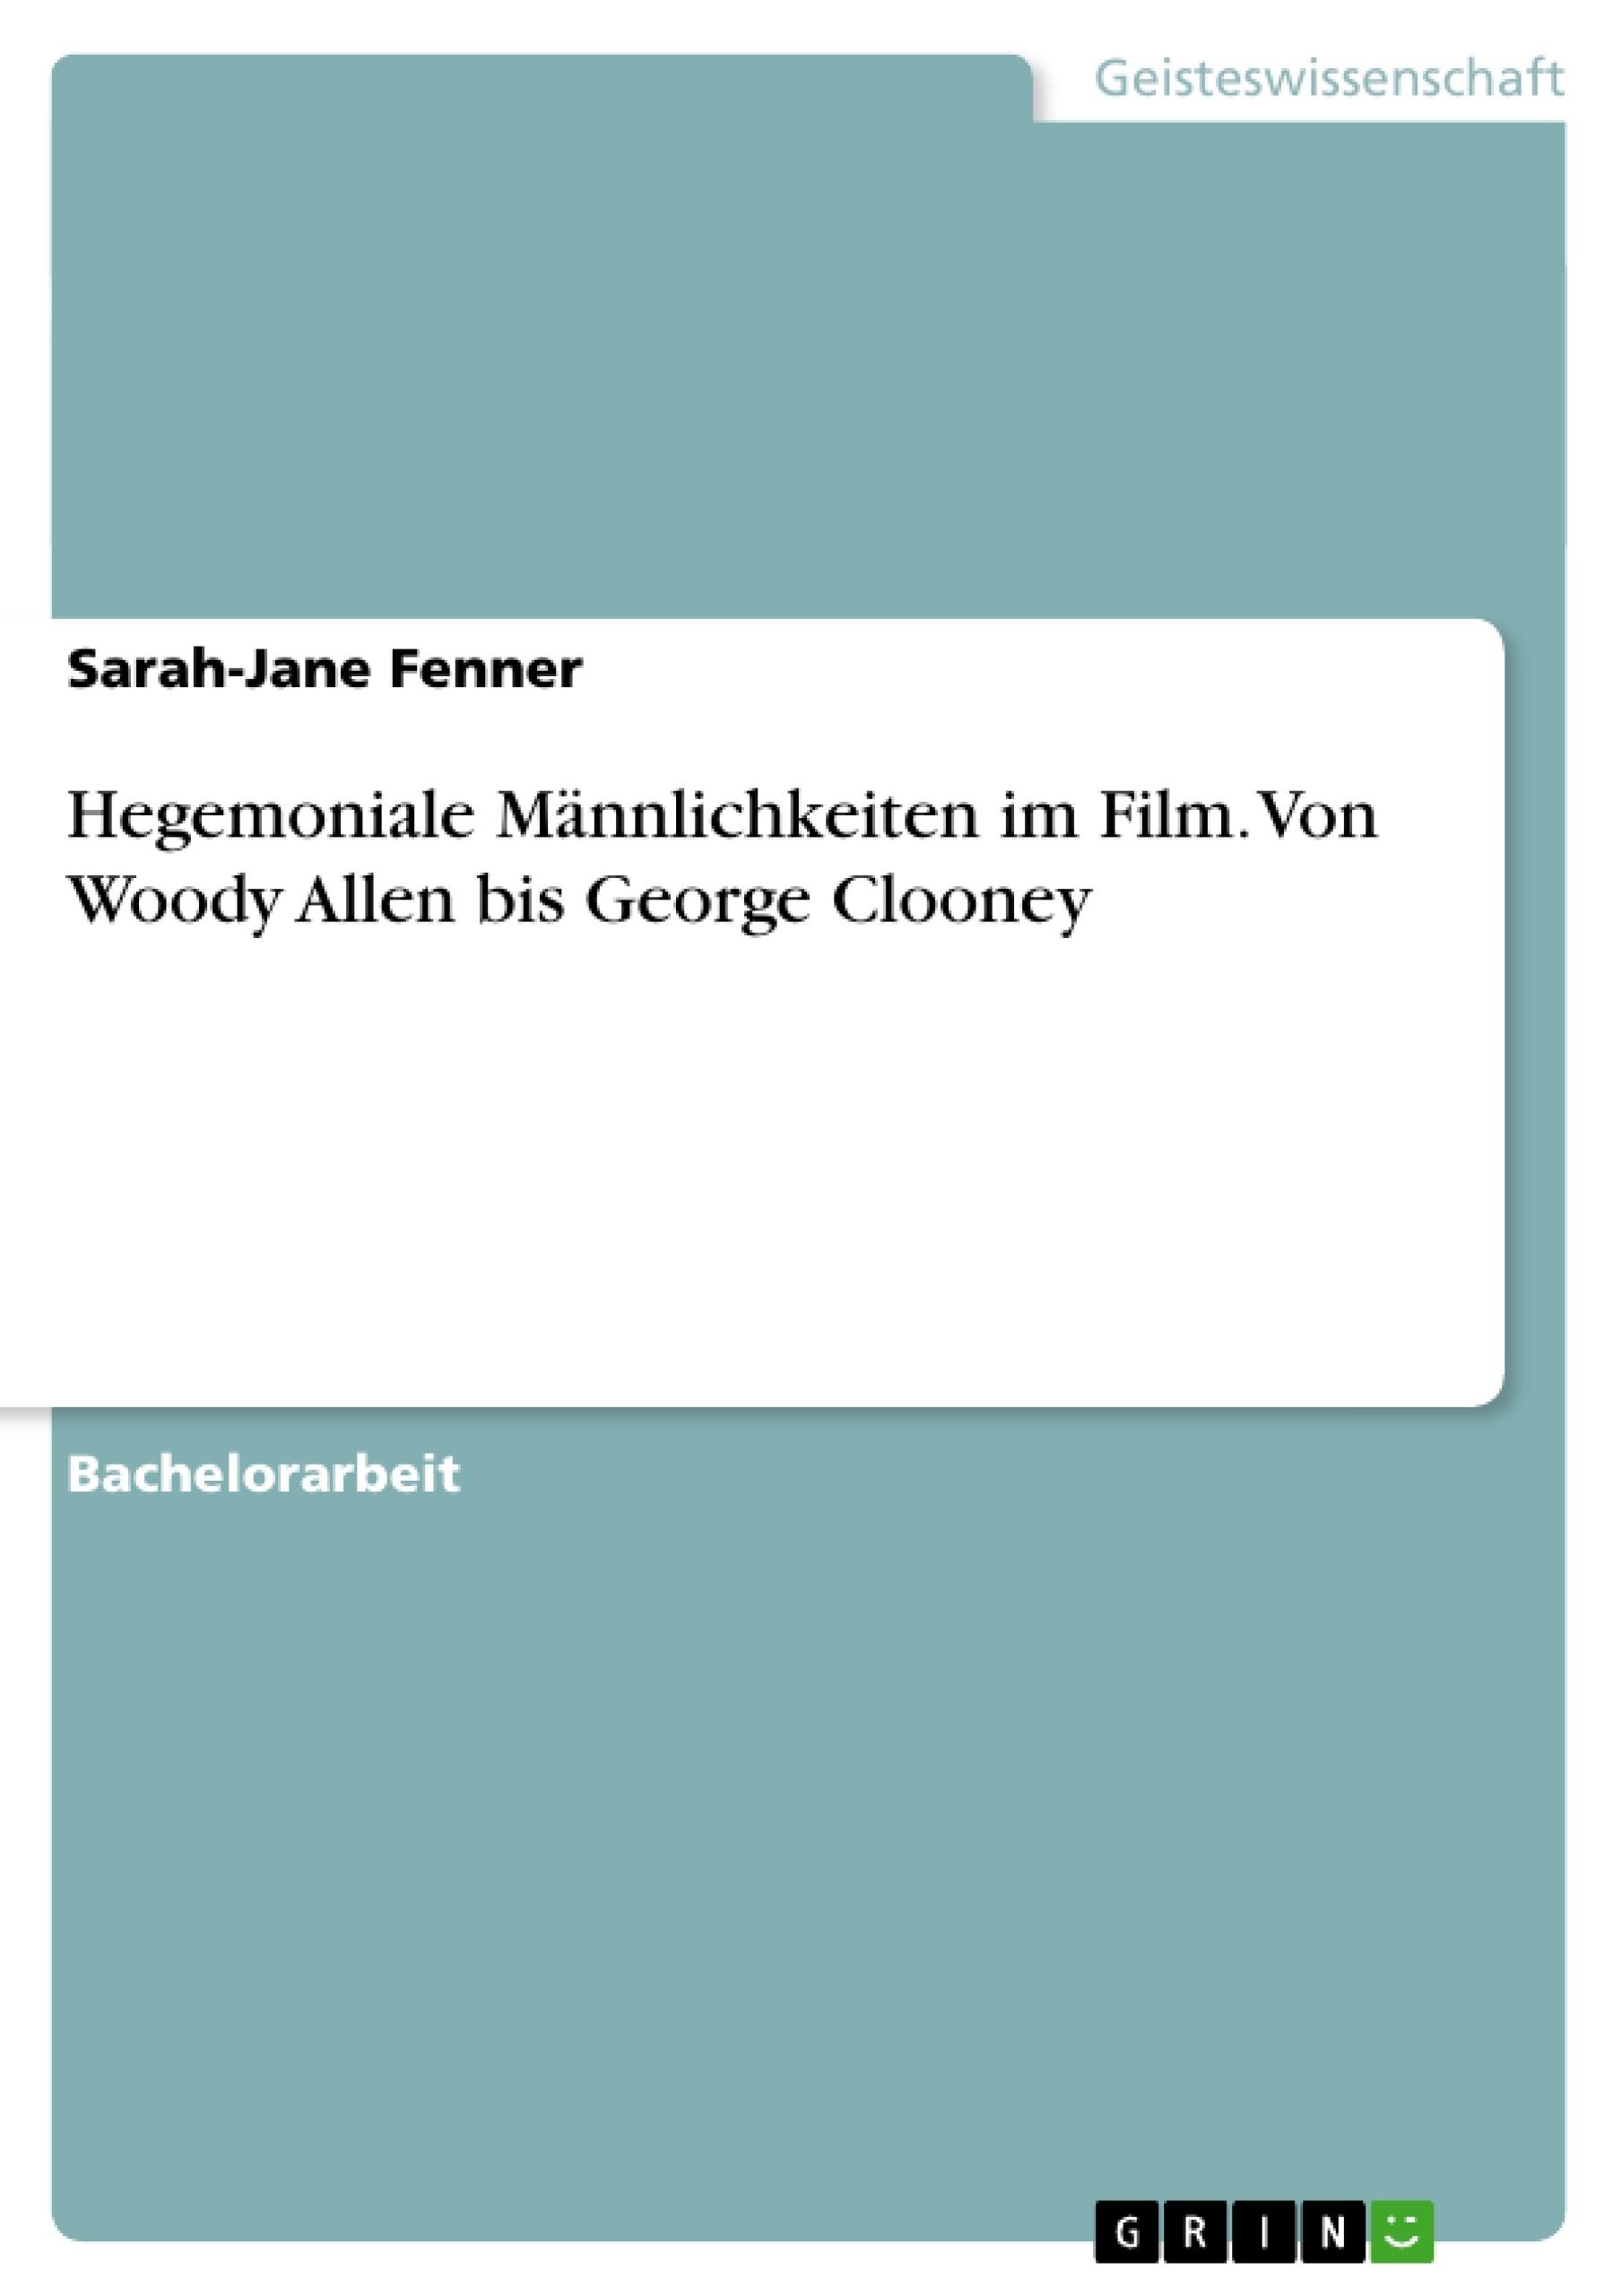 Titel: Hegemoniale Männlichkeiten im Film. Von Woody Allen bis George Clooney